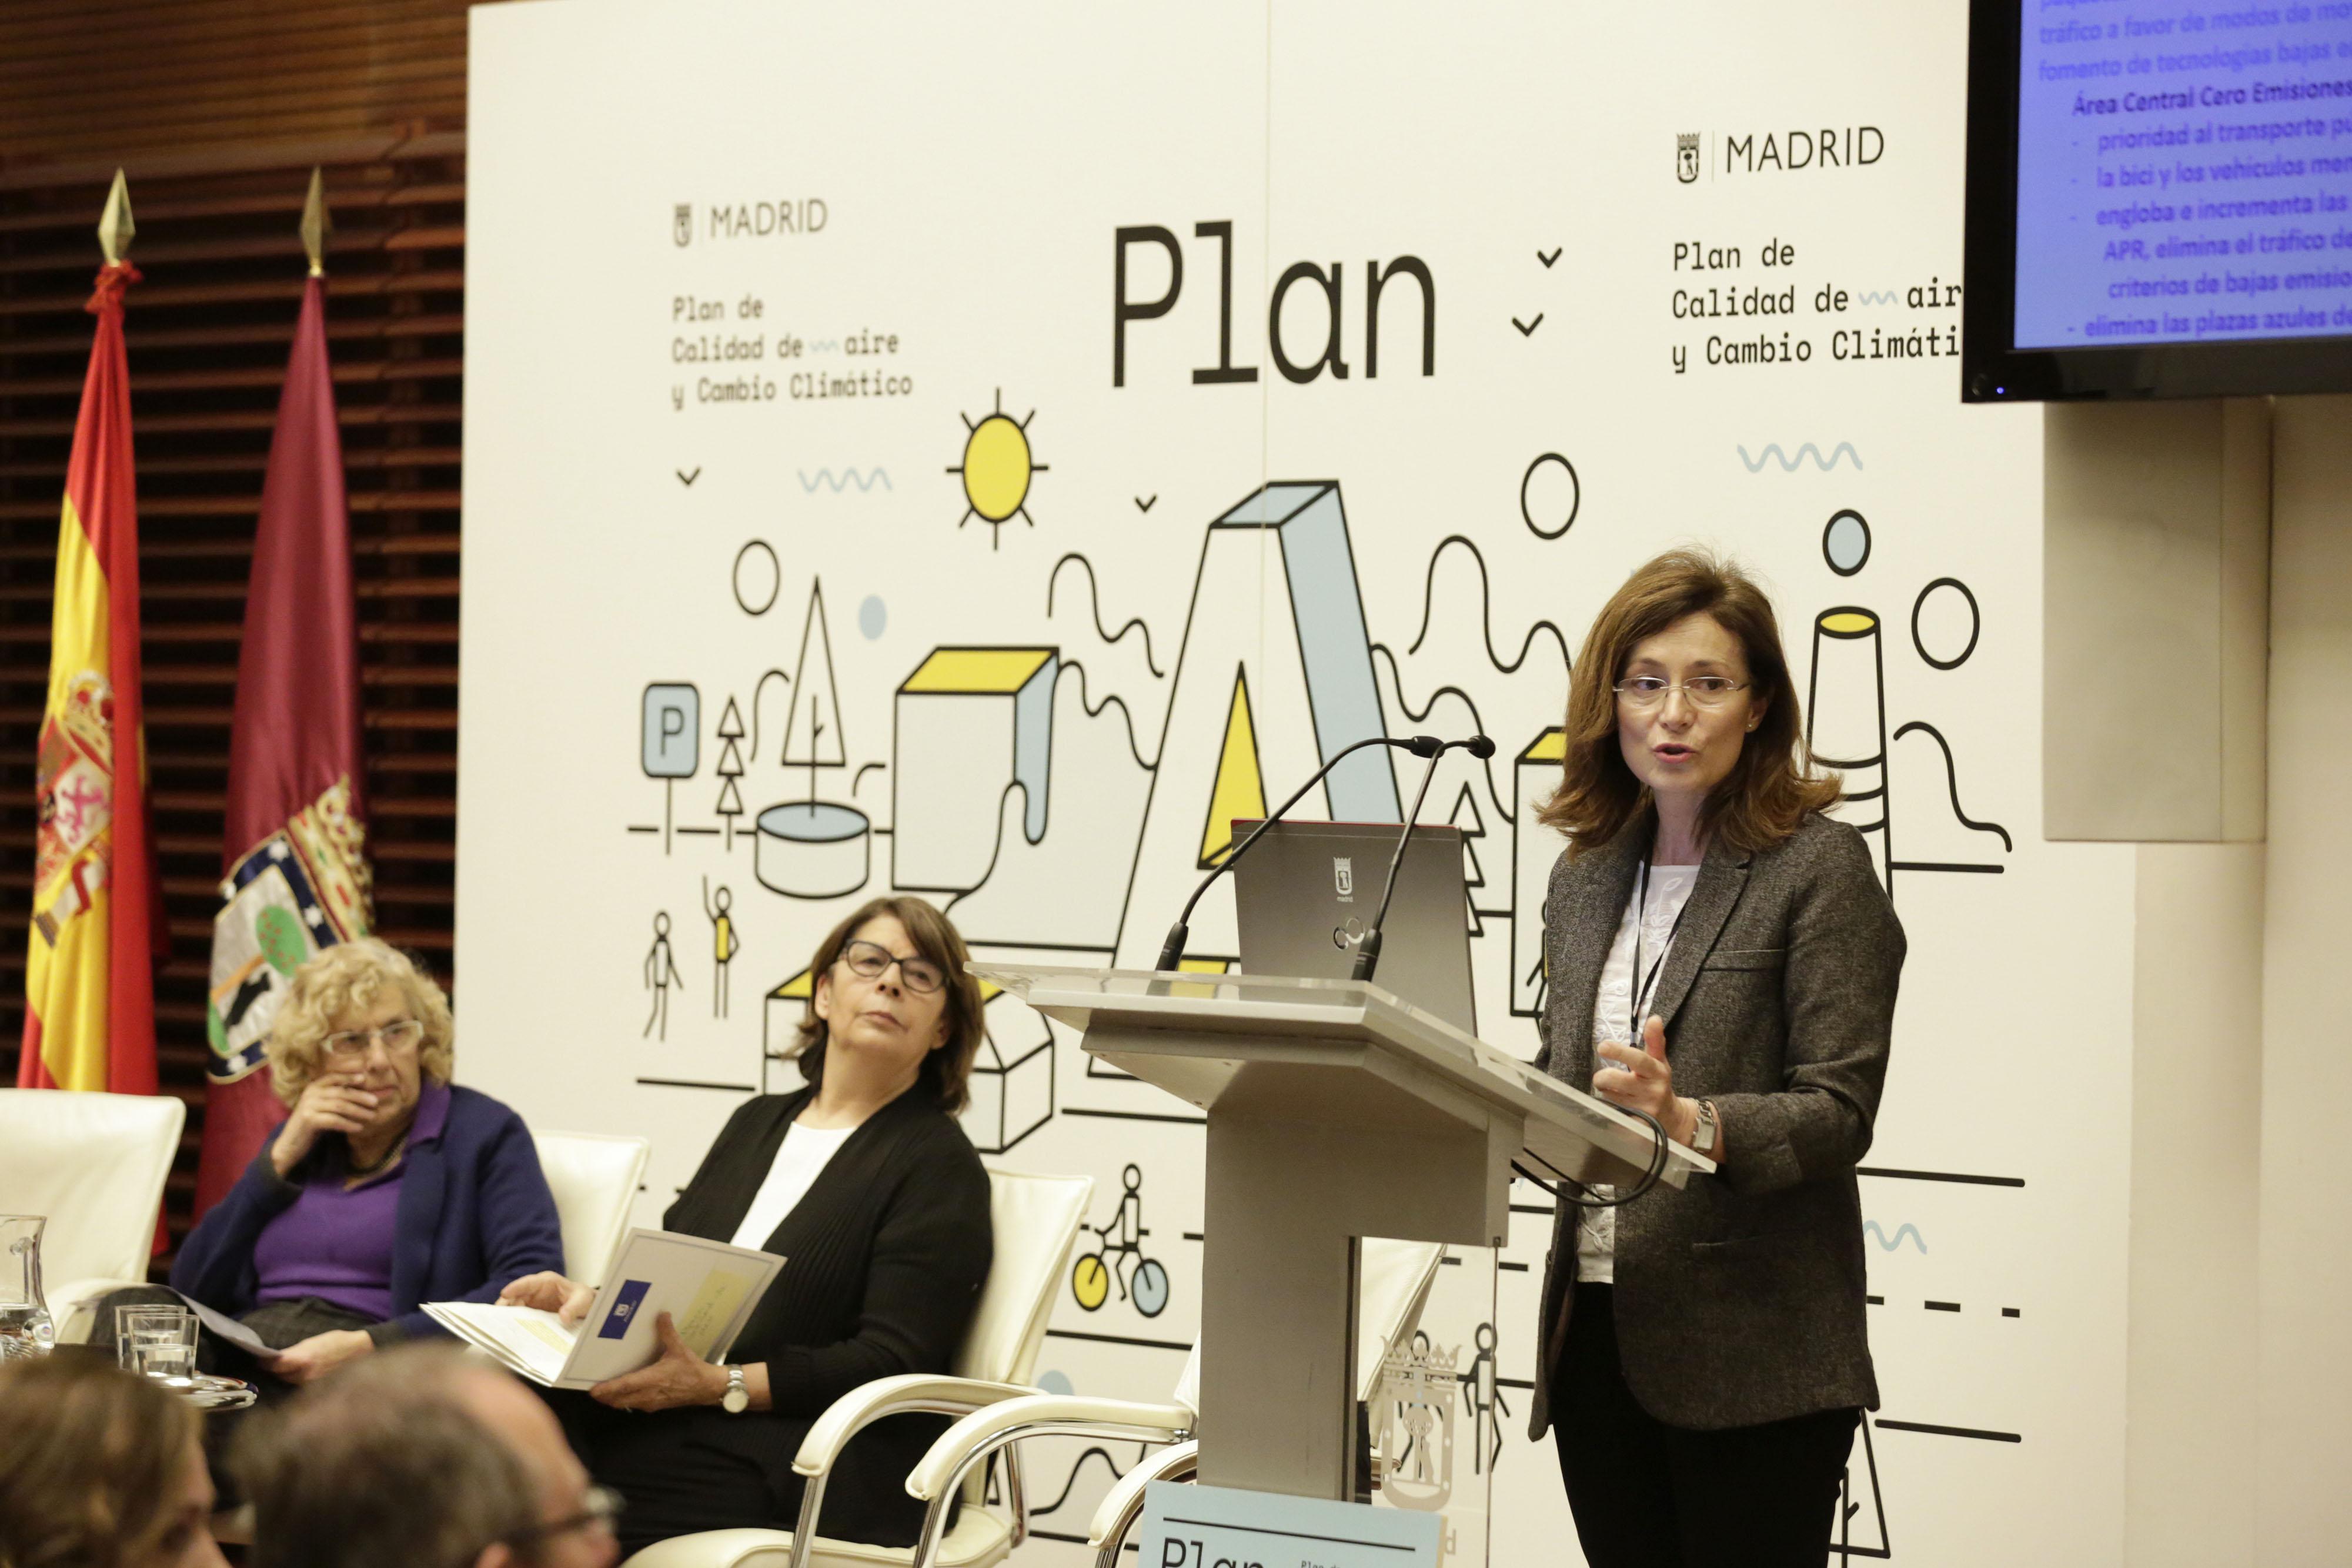 El plan a incluye 30 medidas para reducir la contaminaci n for Banes planning